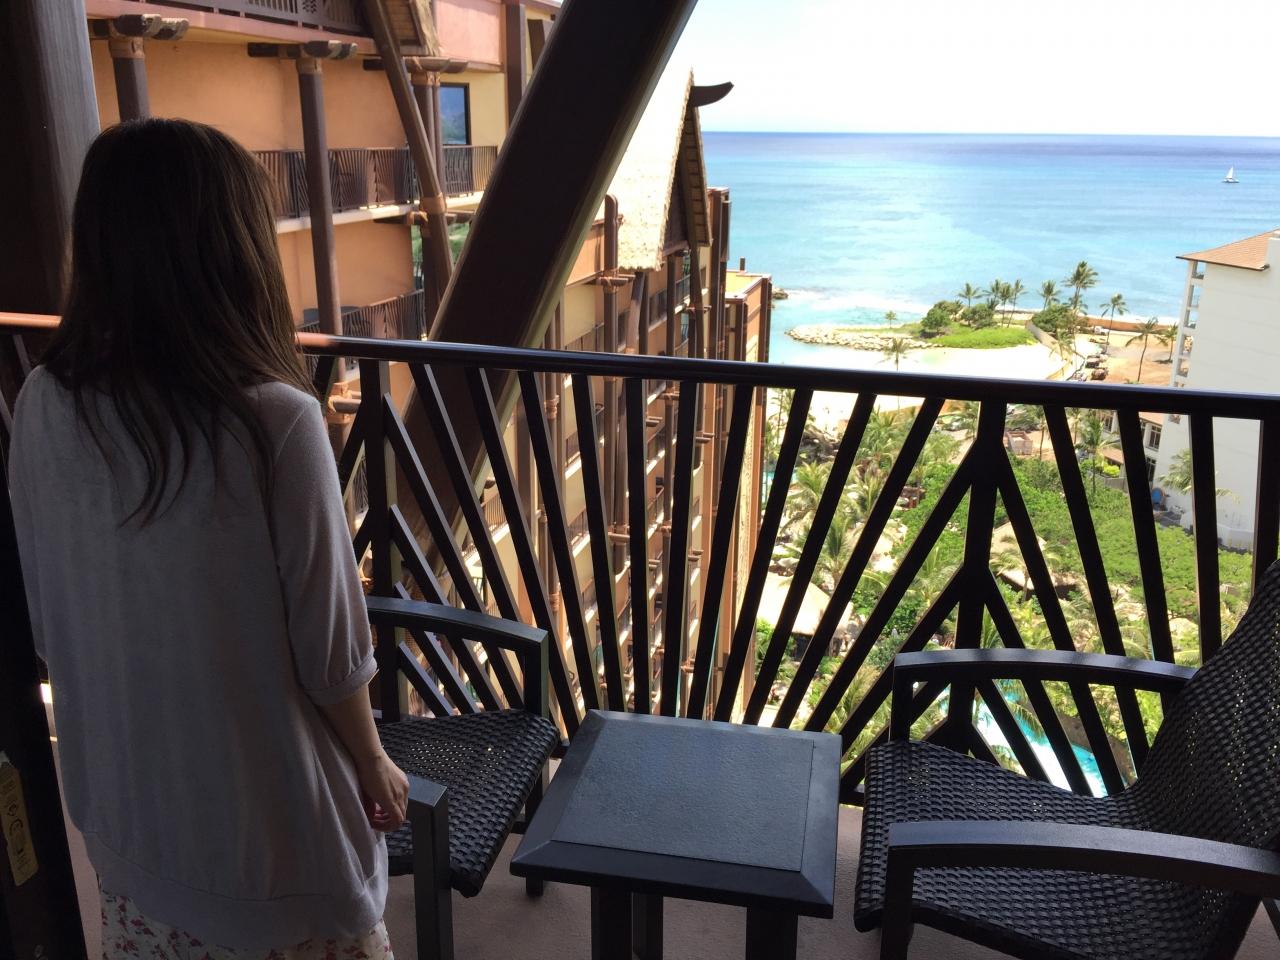 はじめてのhawaii ③アウラニホテル満喫』オアフ島(ハワイ)の旅行記